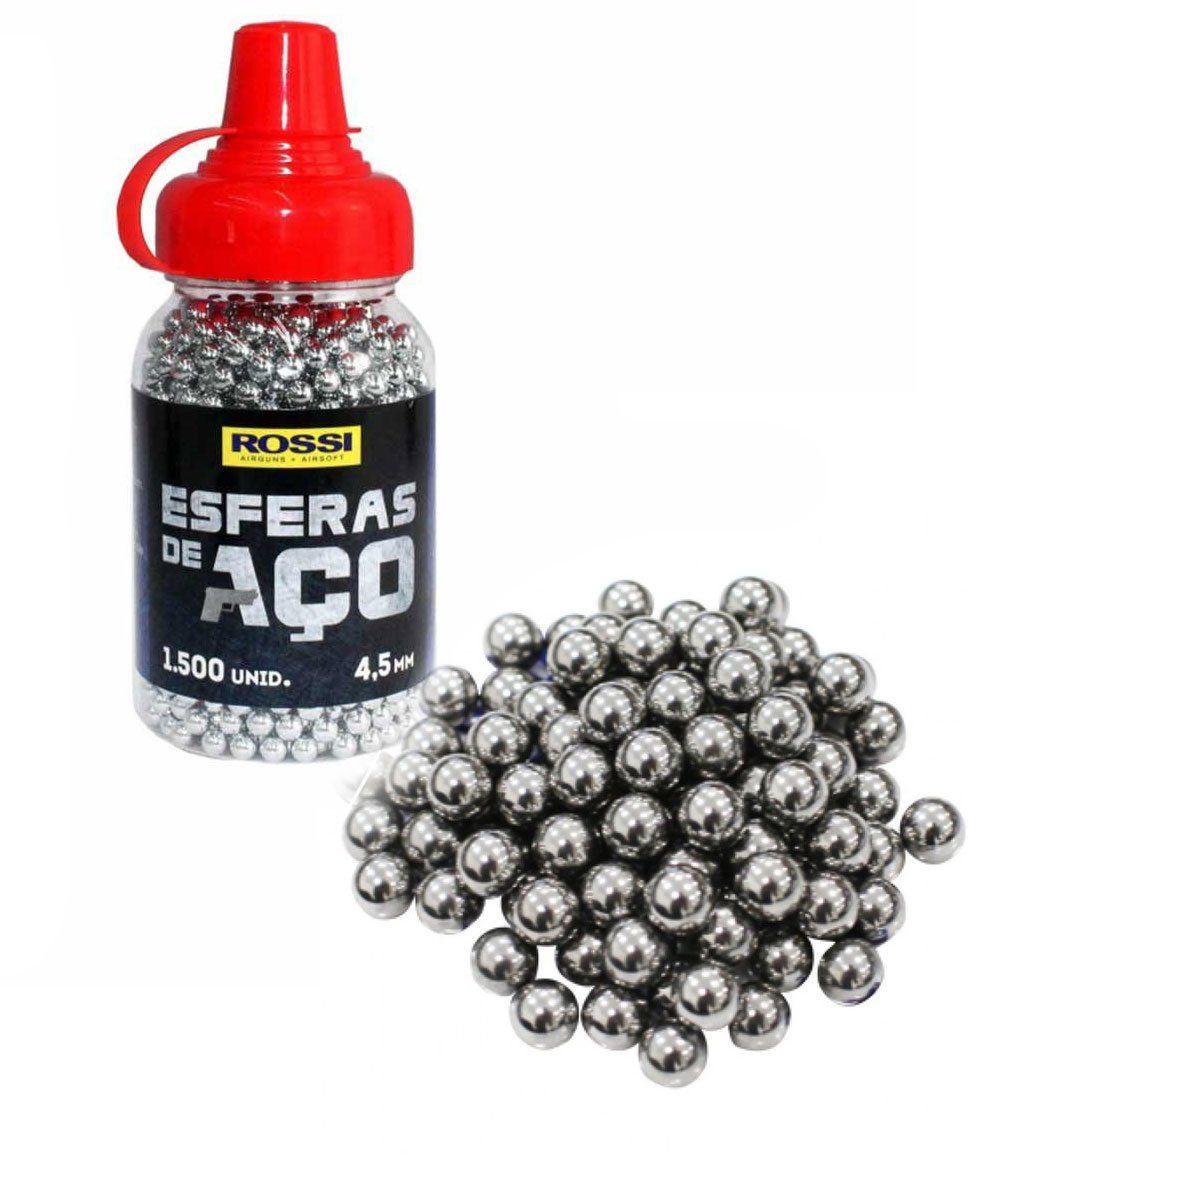 Esferas de Aço Rossi 4,5mm 1500 unidades